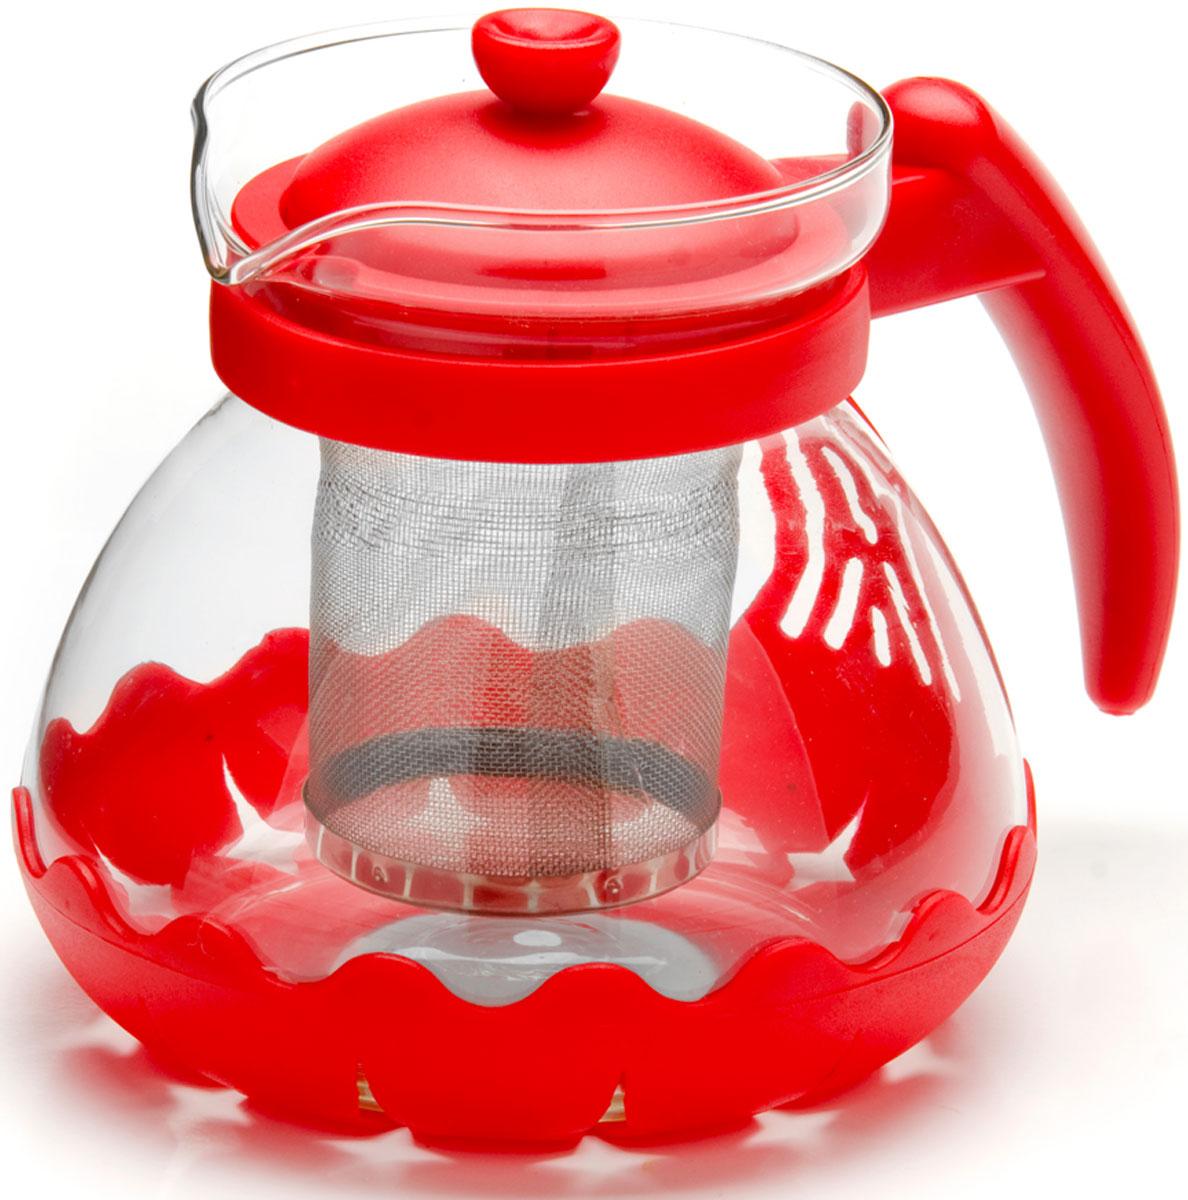 Чайник заварочный Mayer & Boch, с фильтром, цвет: красный, 700 мл. 26173-126173-1Заварочный чайник Mayer & Boch изготовлен из термостойкого боросиликатного стекла, фильтр выполнен из нержавеющей стали. Изделия из стекла не впитывают запахи, благодаря чему вы всегда получите натуральный, насыщенный вкус и аромат напитков. Заварочный чайник из стекла удобно использовать для повседневного заваривания чая практически любого сорта. Но цветочные, фруктовые, красные и желтые сорта чая лучше других раскрывают свой вкус и аромат при заваривании именно в стеклянных чайниках, а также сохраняют все полезные ферменты и витамины, содержащиеся в чайных листах. Стальной фильтр гарантирует прозрачность и чистоту напитка от чайных листьев, при этом сохранив букет и насыщенность чая.Прозрачные стенки чайника дают возможность насладиться насыщенным цветом заваренного чая. Изящный заварочный чайник Mayer & Boch будет прекрасно смотреться в любом интерьере. Подходит для мытья в посудомоечной машине.